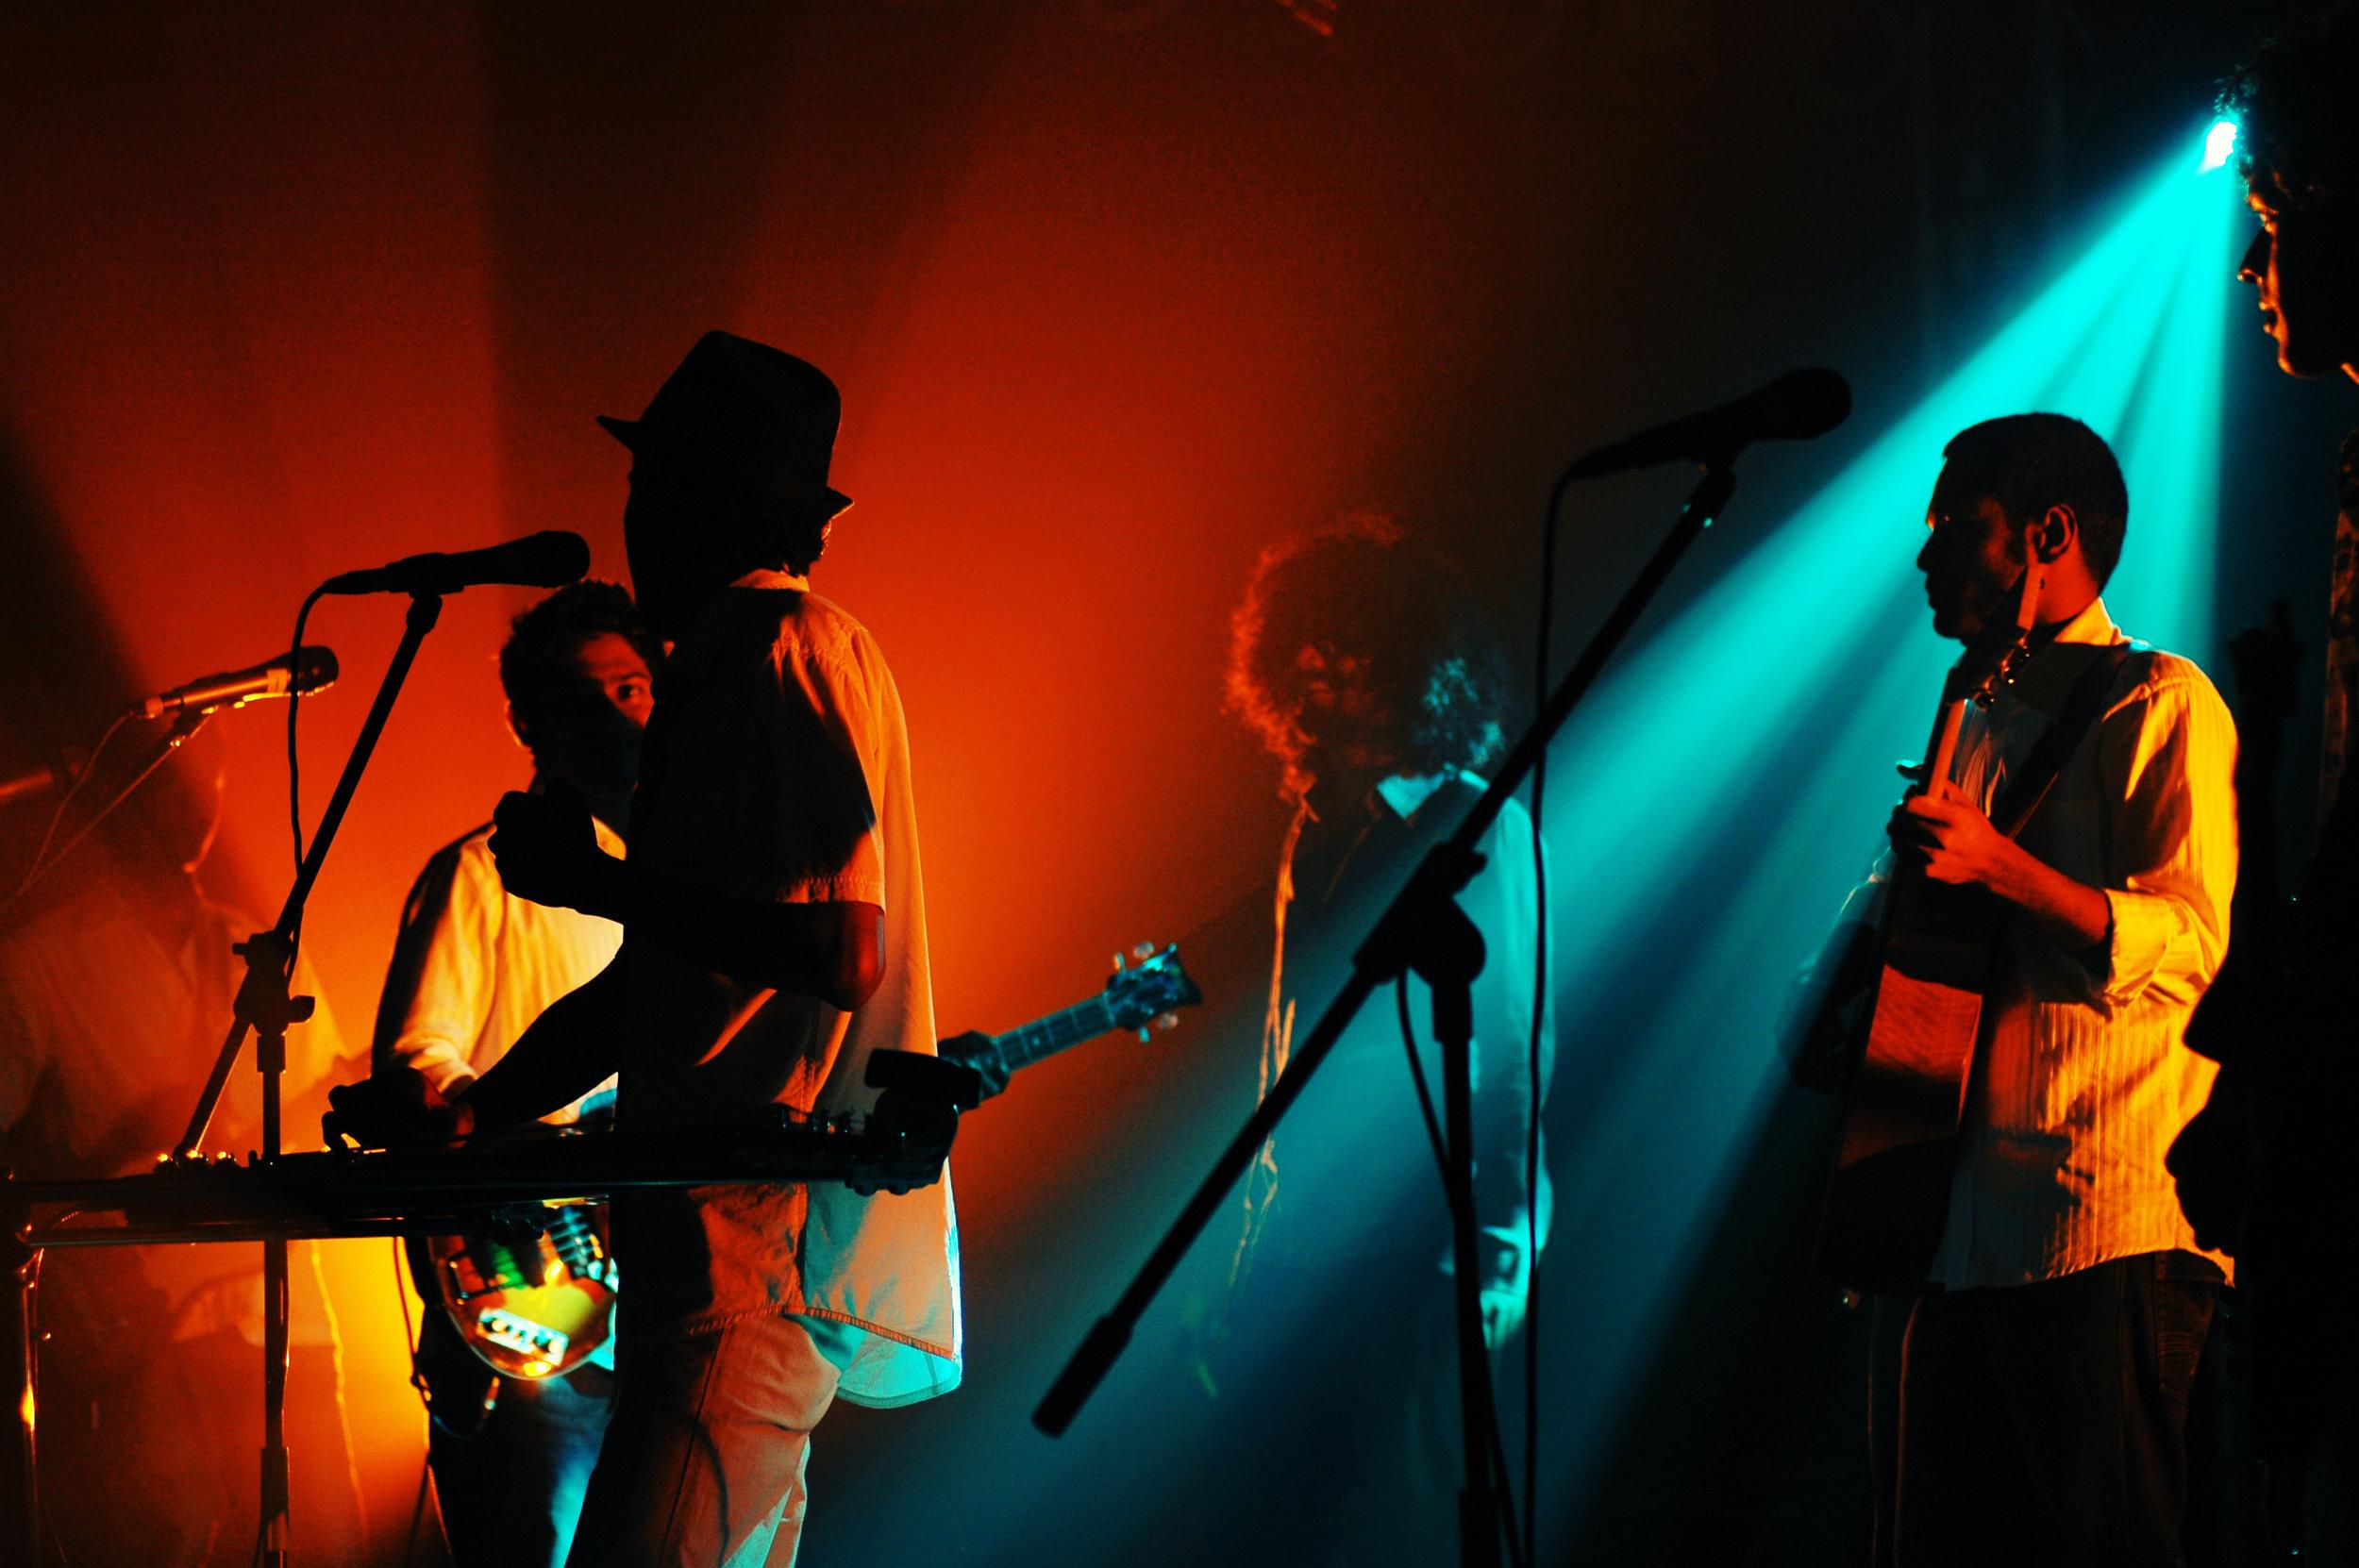 2009-08-19 - Male' City - Dharubaaruge' - Eku Ekee Album Launch - D70s-8042.jpg